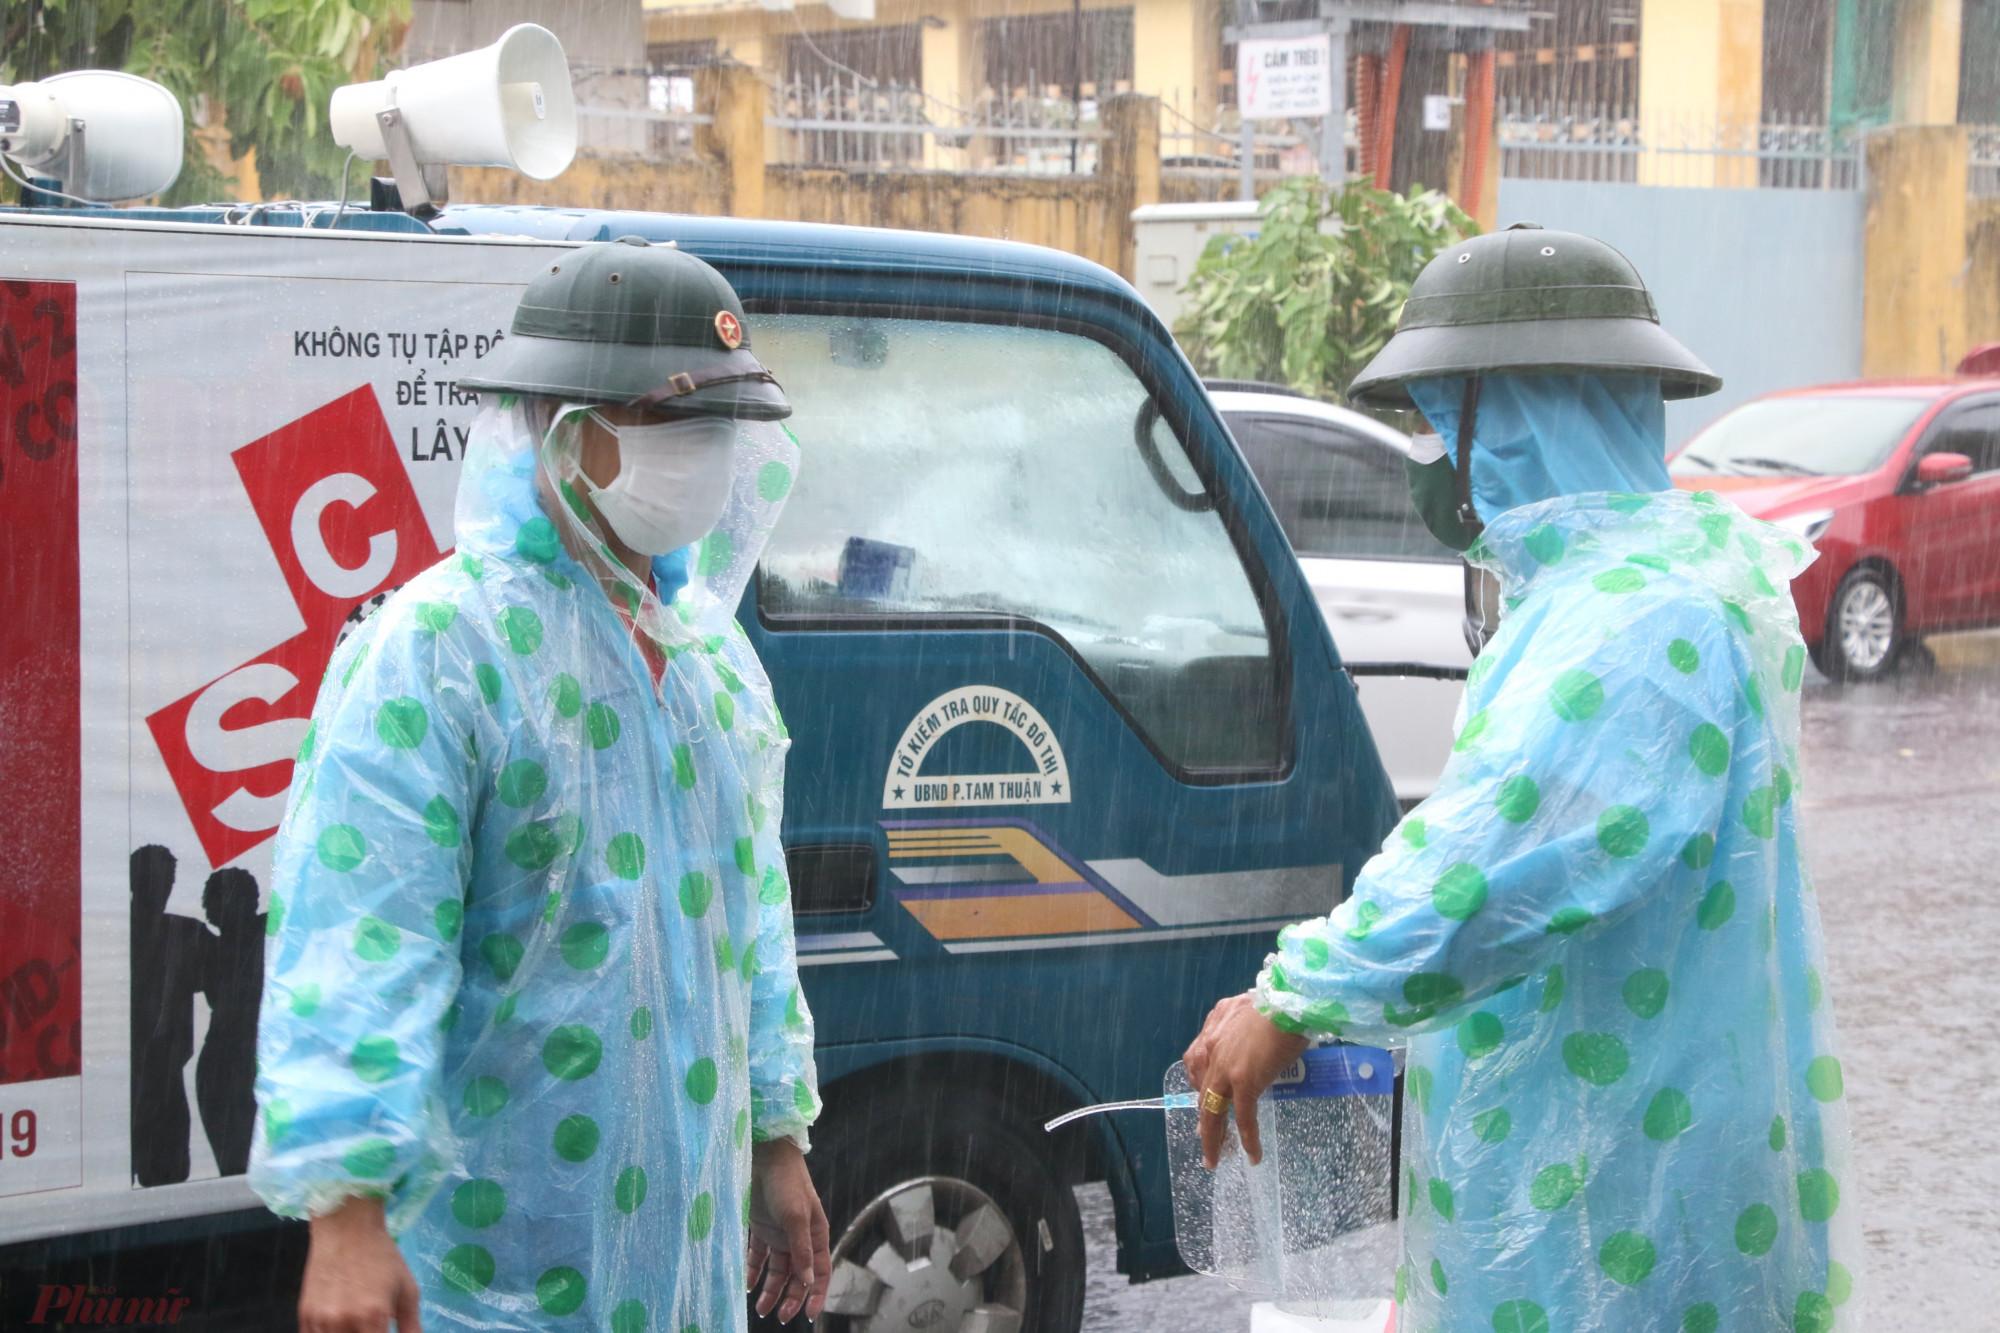 Thực thi nhiệm vụ dưới trời mưa bão gió nhưng do dịch bệnh diễn biến đang phức tạp nên các chiến sỹ vẫn phải đảm bảo trang bị bảo hộ phòng chống dịch